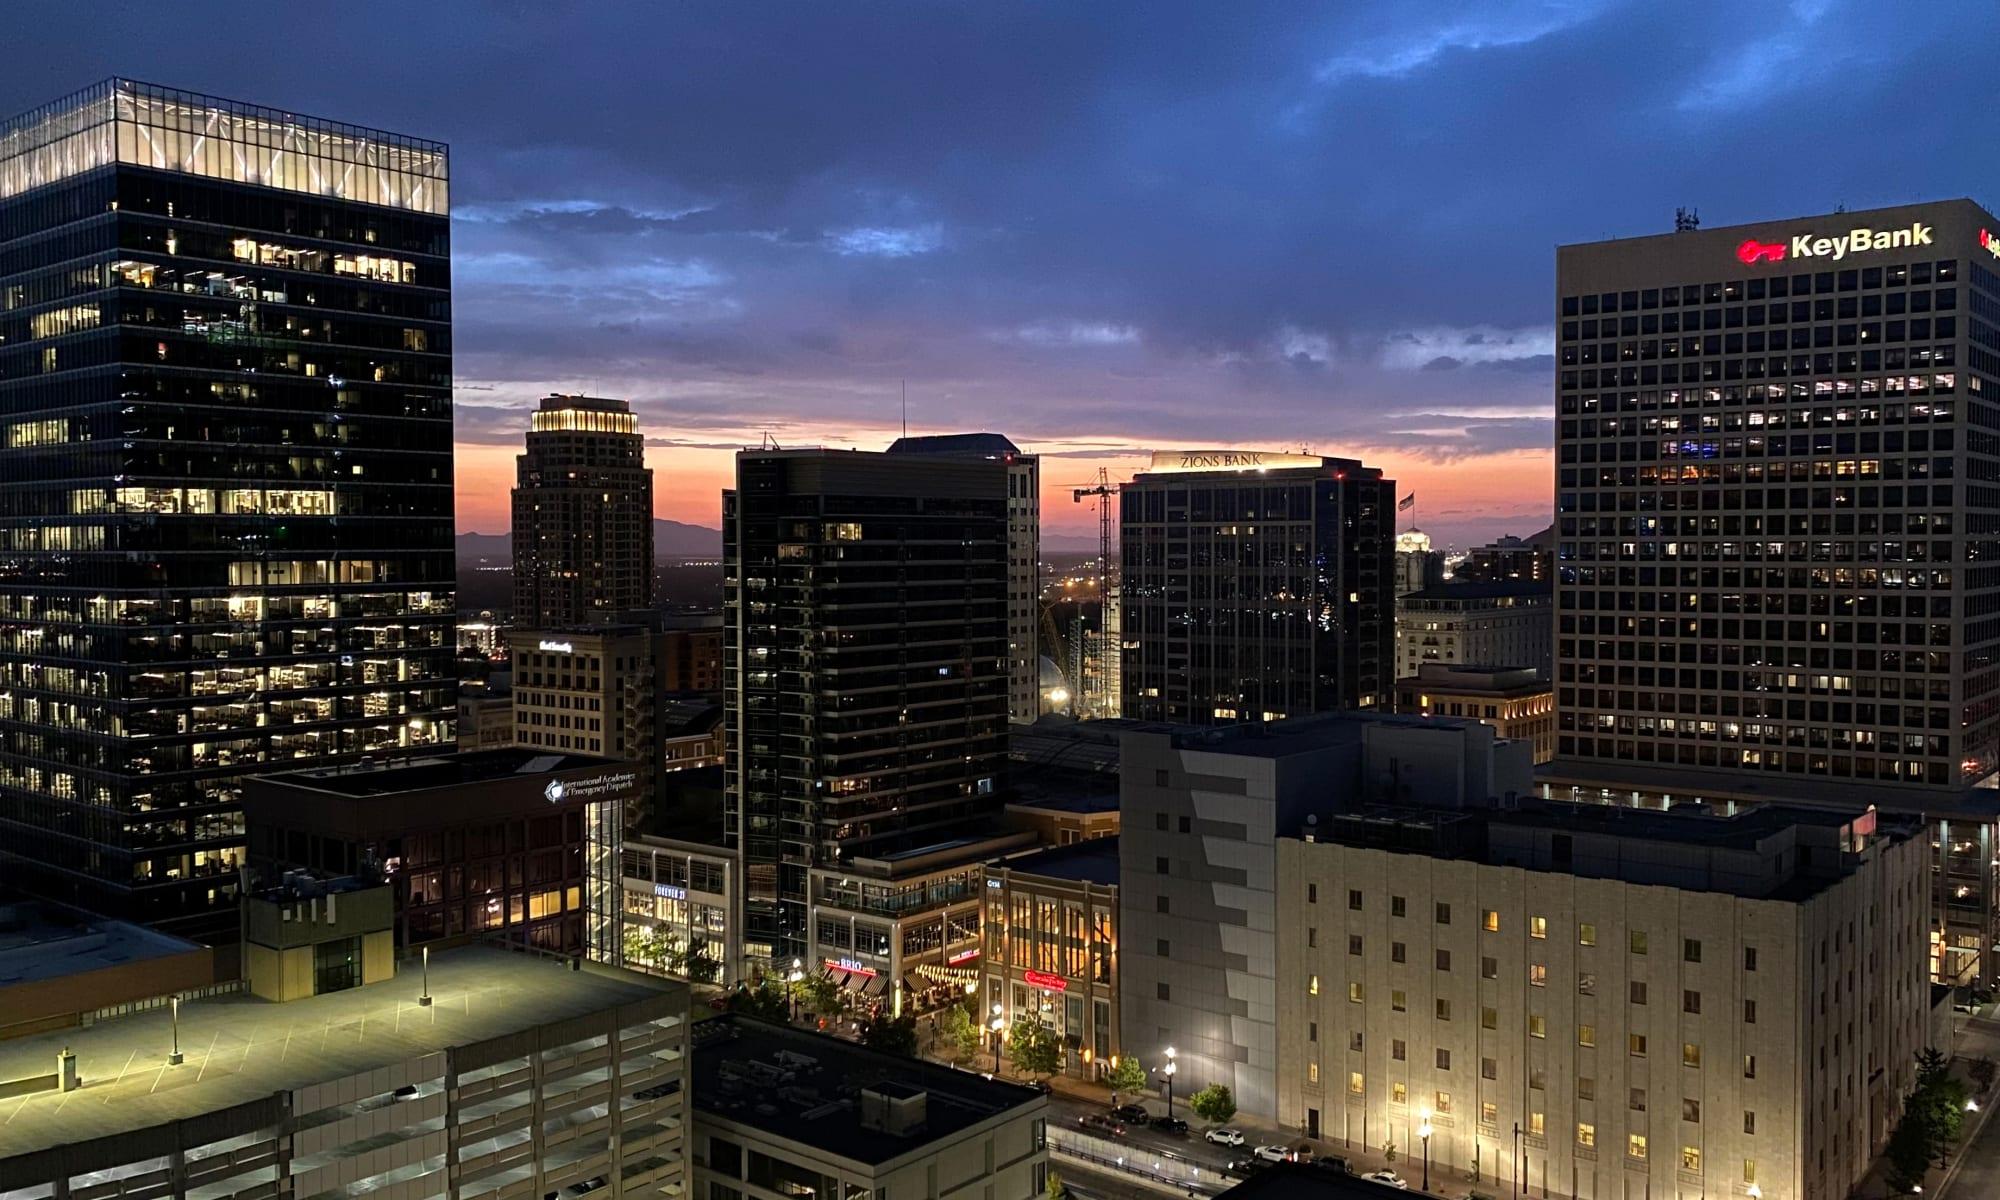 Twilight at Liberty SKY in Salt Lake City, Utah